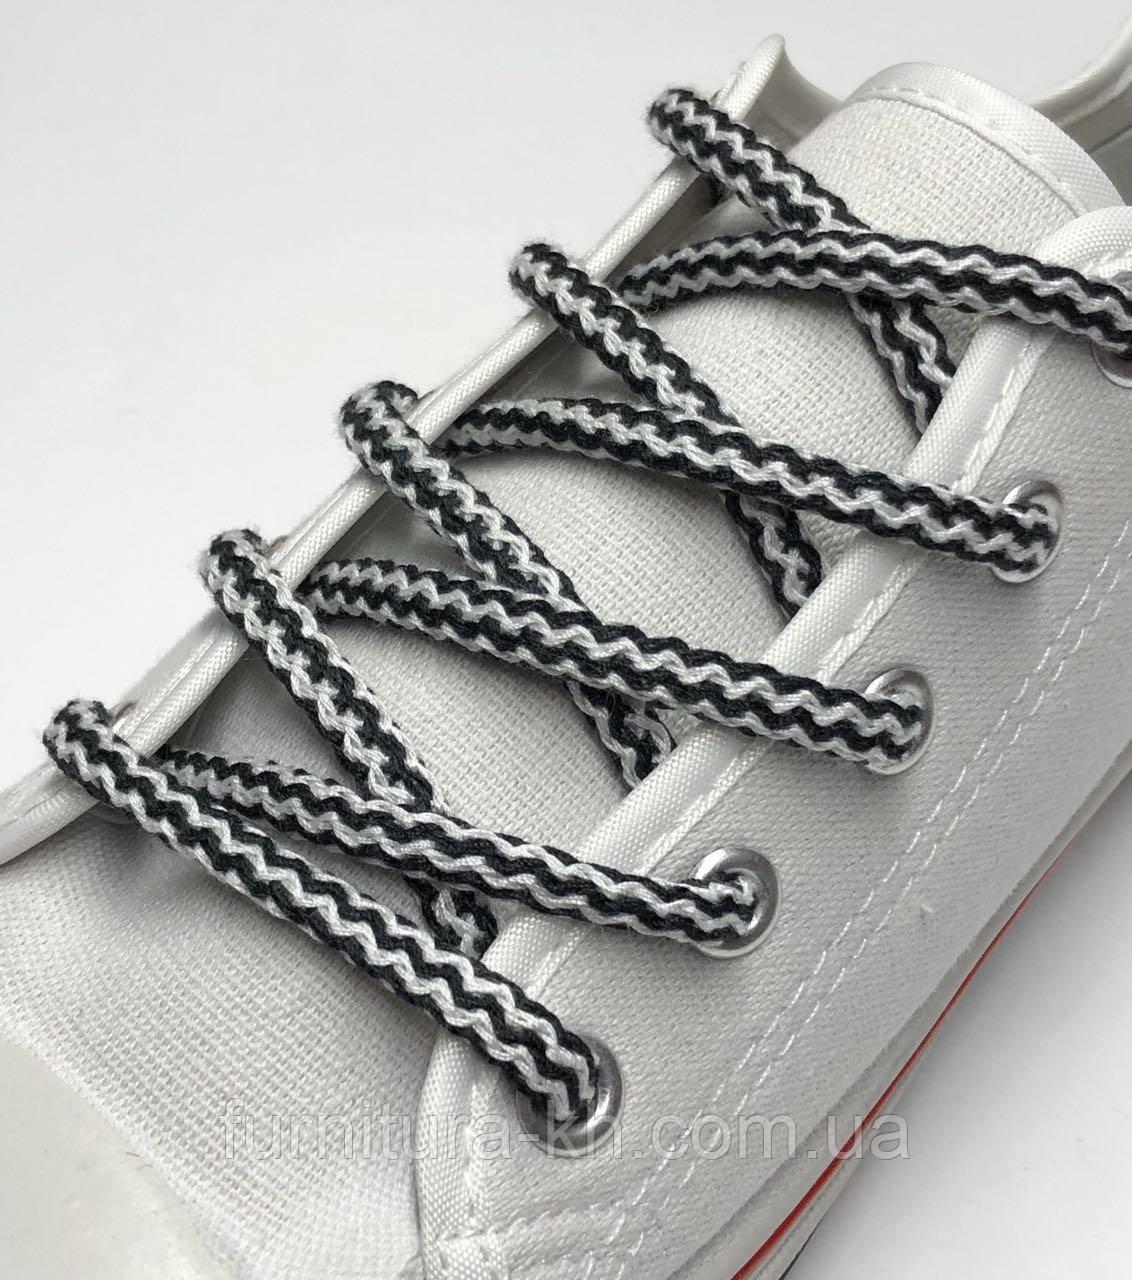 Шнурок Простой Круглый.Длинна 1 метр цвет Черно-Белый (толщина 5 мм)